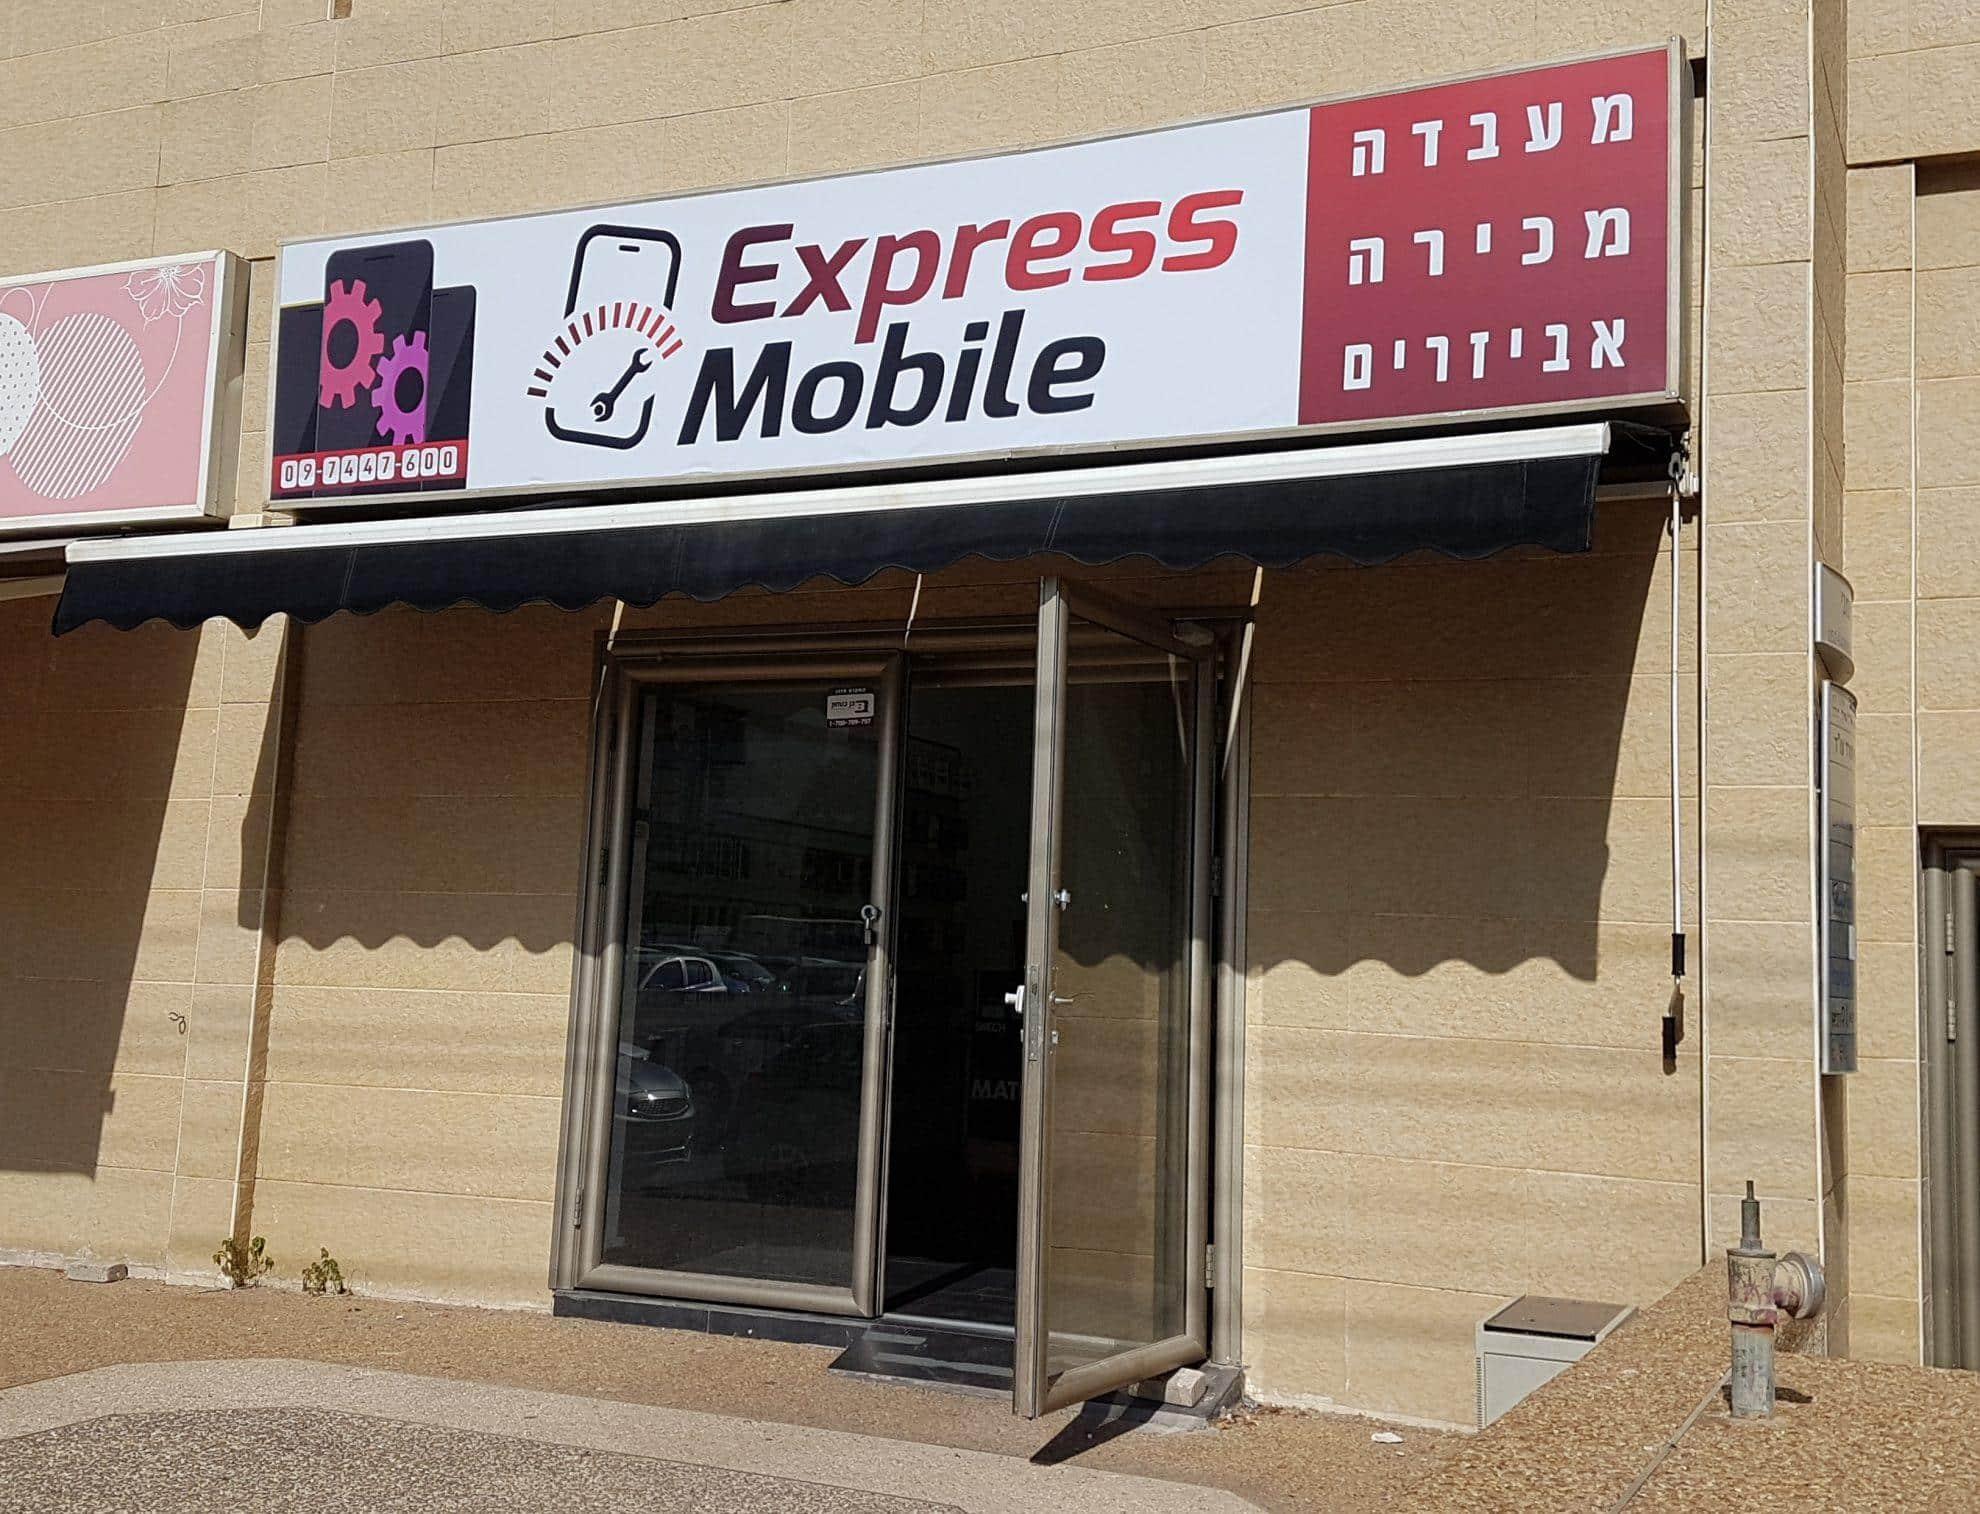 אקספרס מובייל Express Mobile